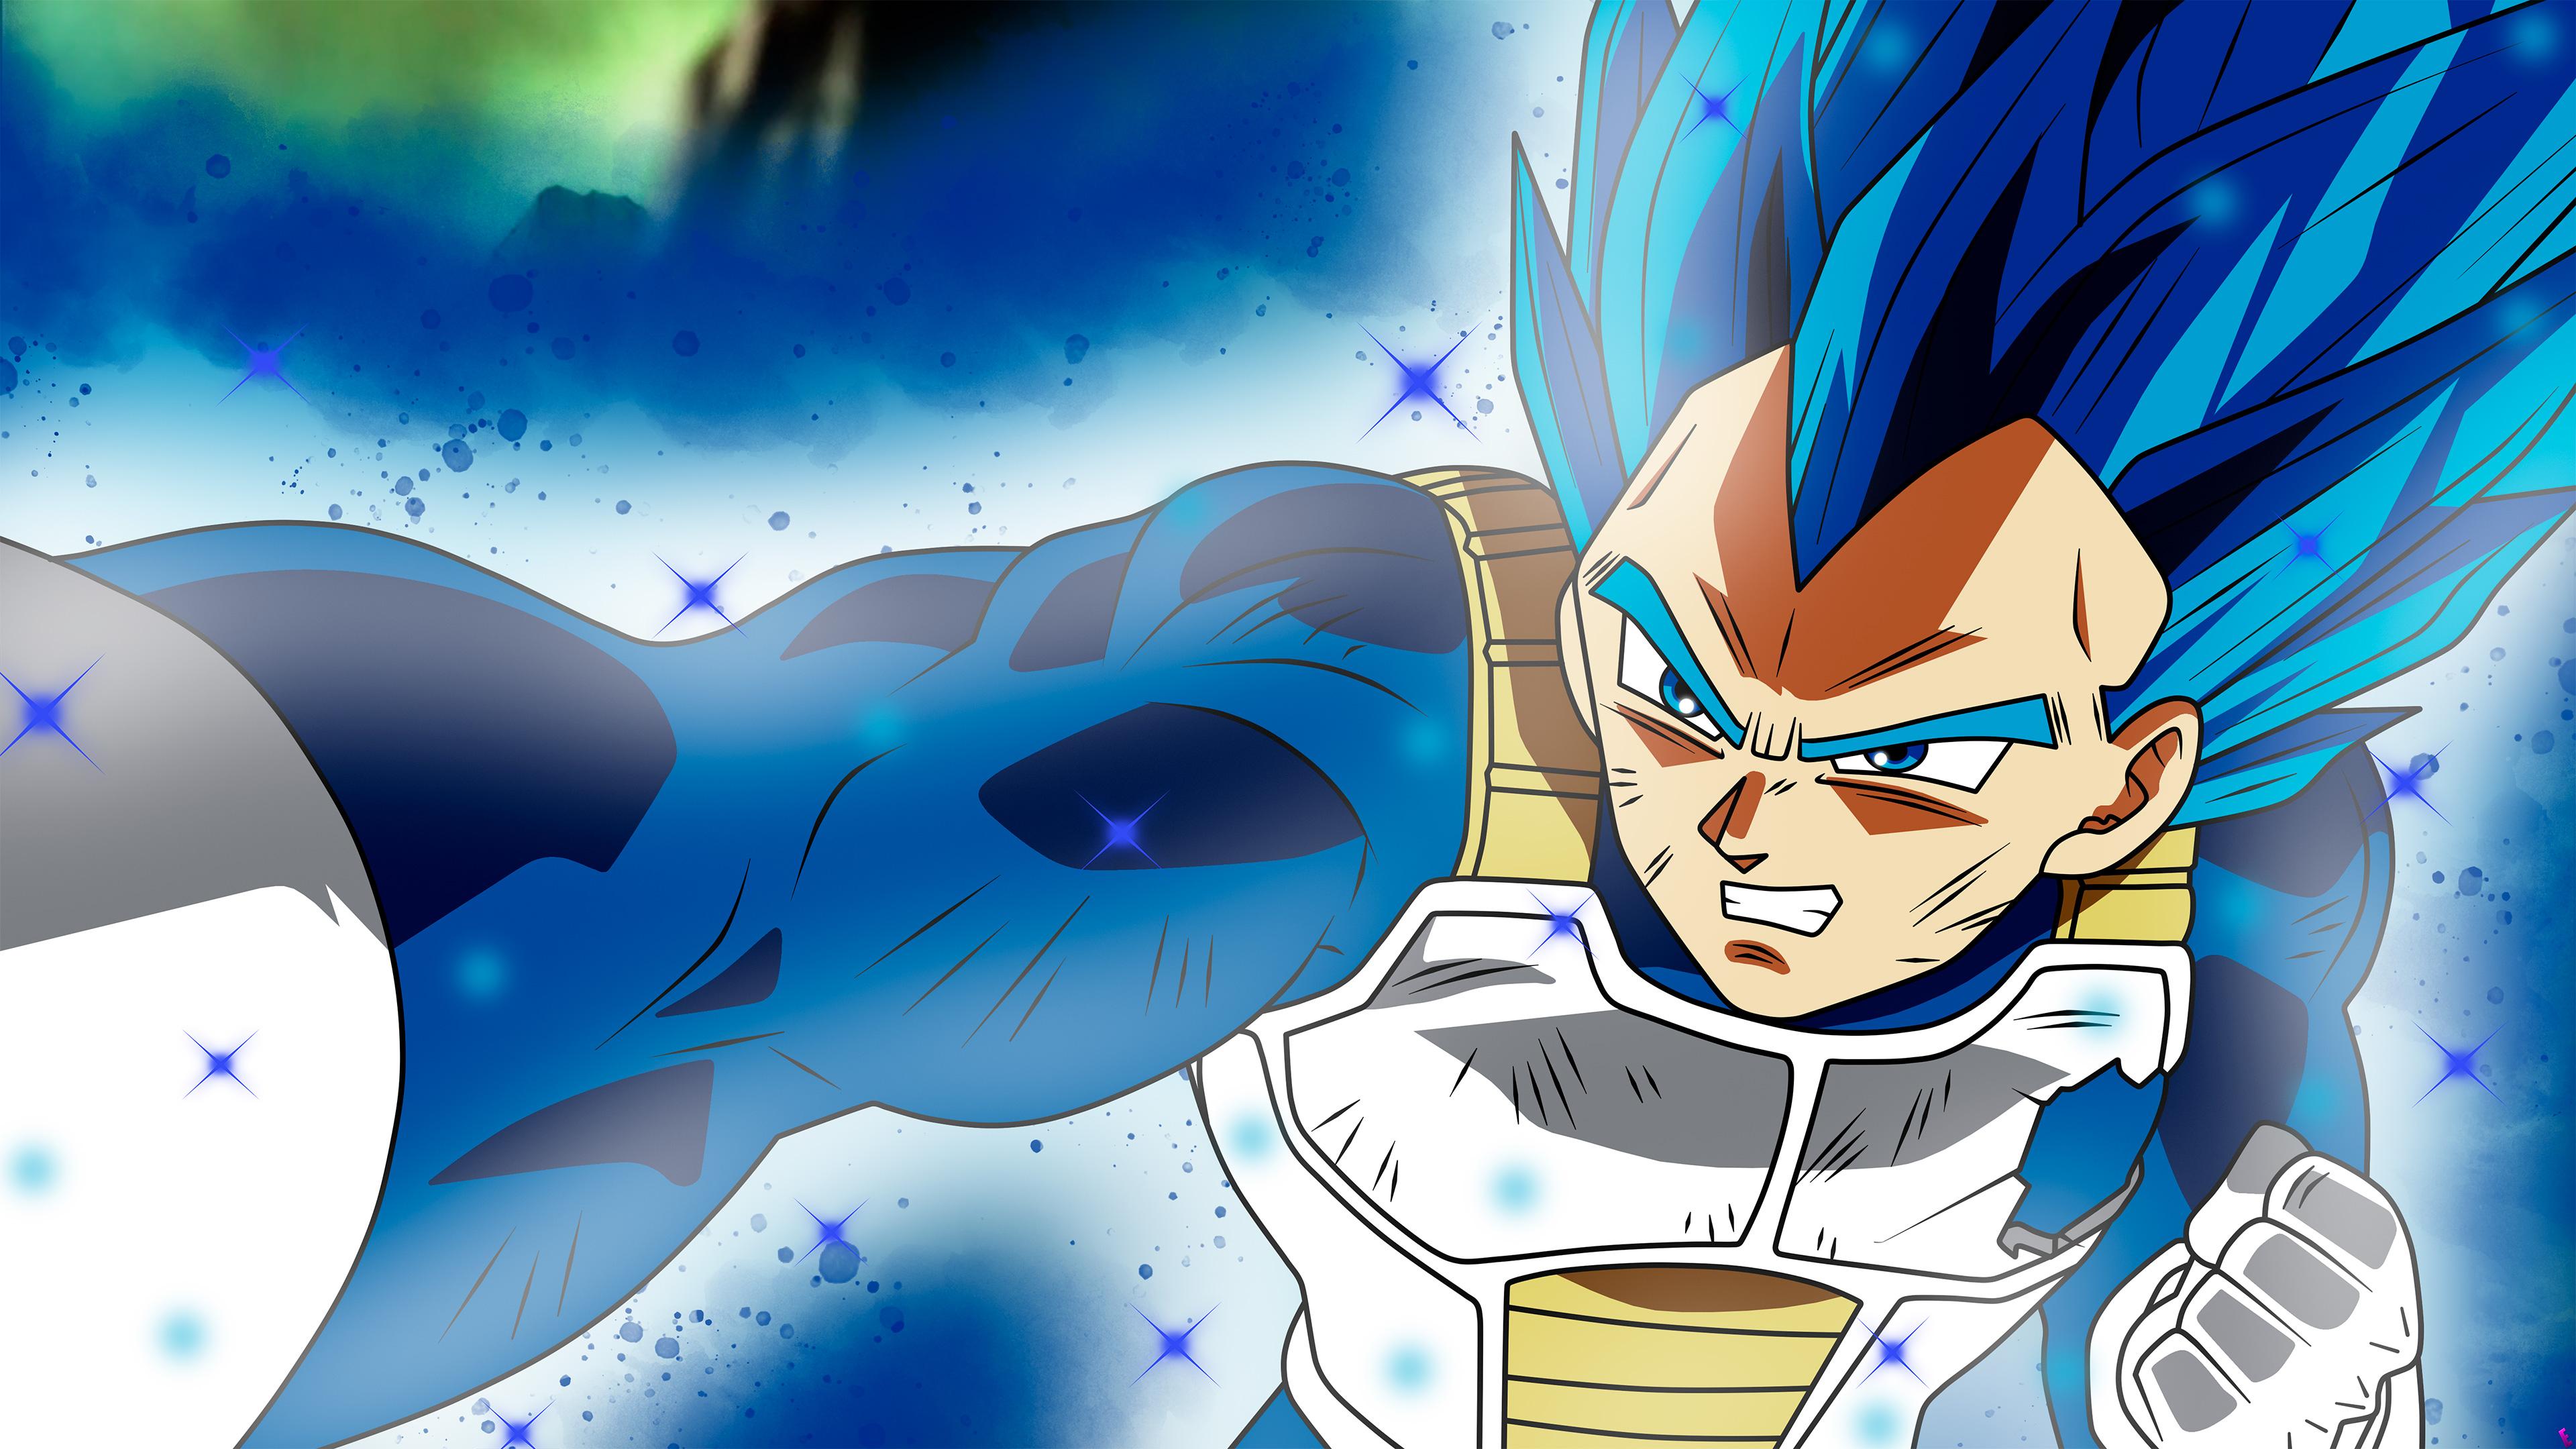 Anime dragon ball super vegeta ssj blue full power hd - Vegeta wallpaper 4k for pc ...